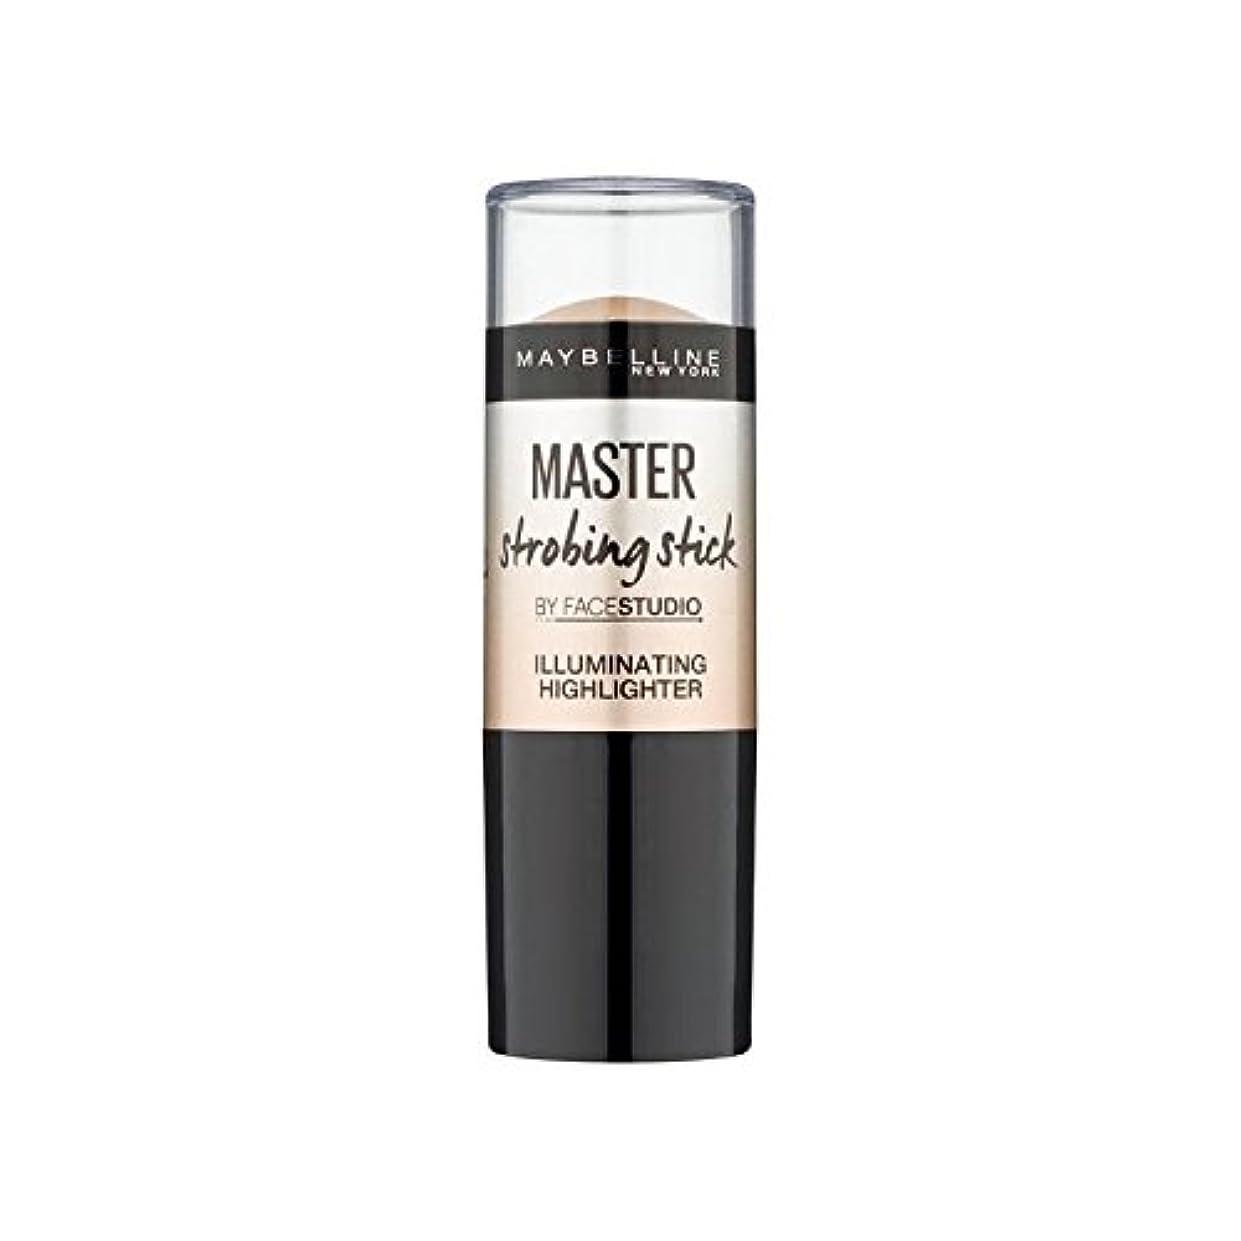 みなさん知的放棄されたメイベリンマスターストロボスティック媒体 x4 - Maybelline Master Strobing Stick Medium (Pack of 4) [並行輸入品]